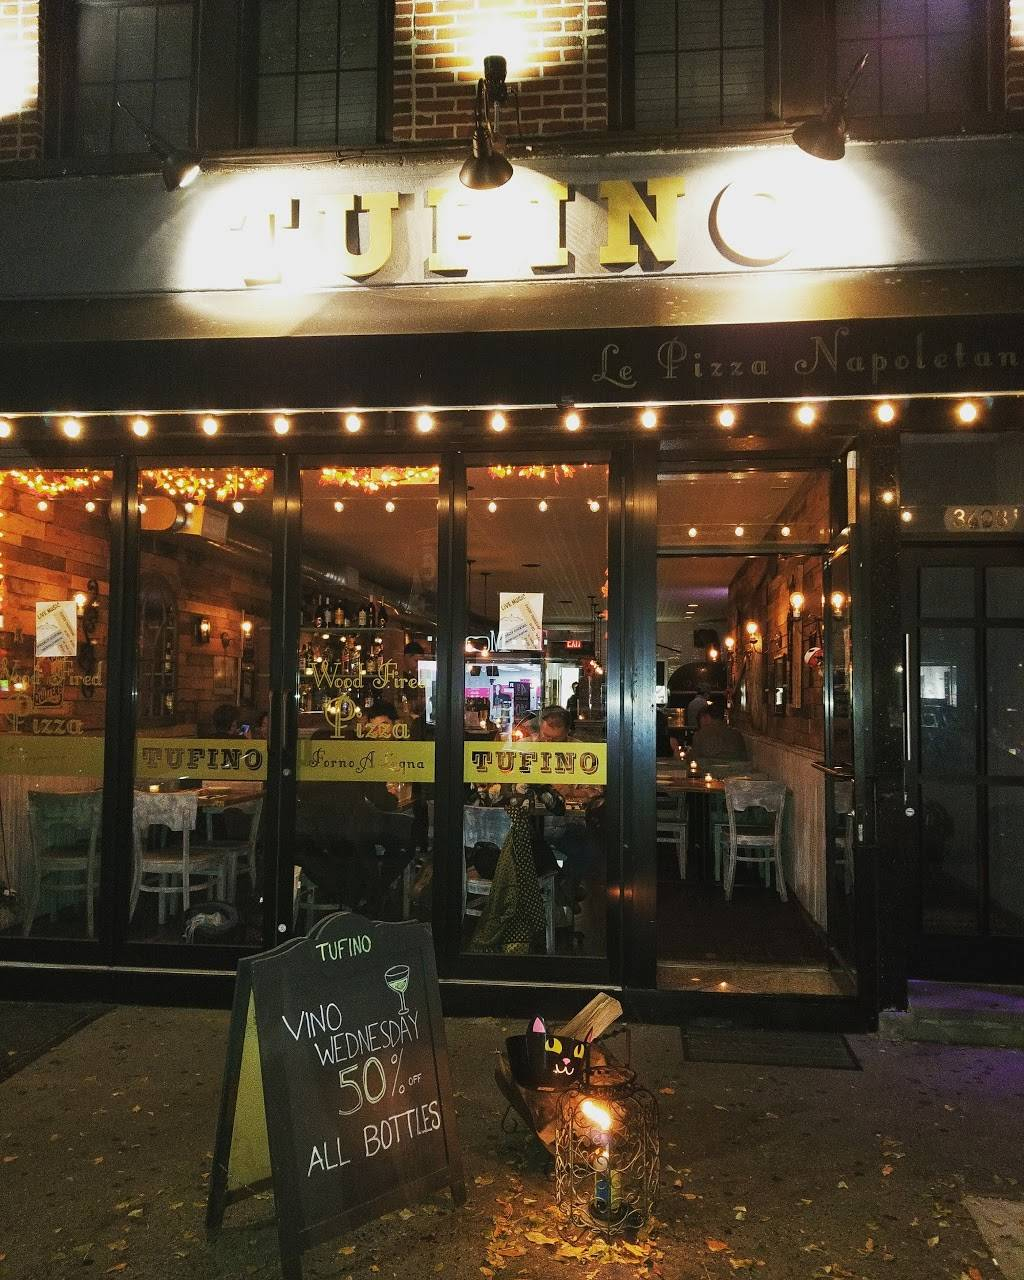 Tufino Pizzeria Napoletana   meal delivery   36-08 Ditmars Blvd, Astoria, NY 11105, USA   7182784800 OR +1 718-278-4800